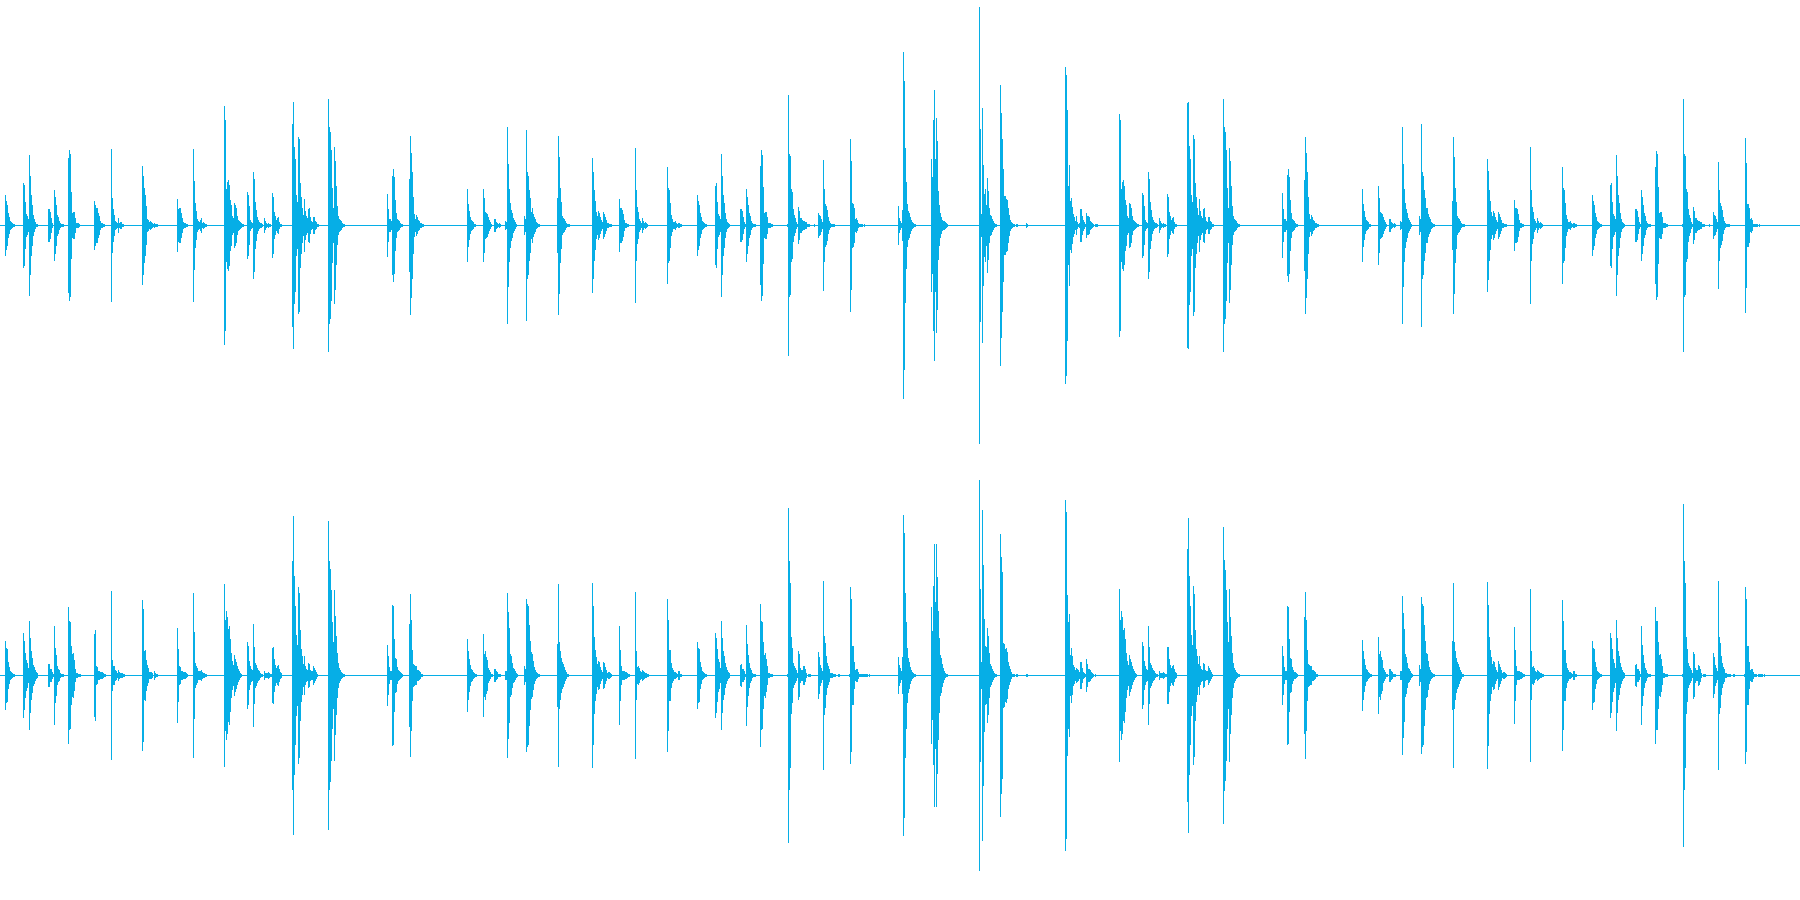 チリン、チリーン 夏の音の再生済みの波形